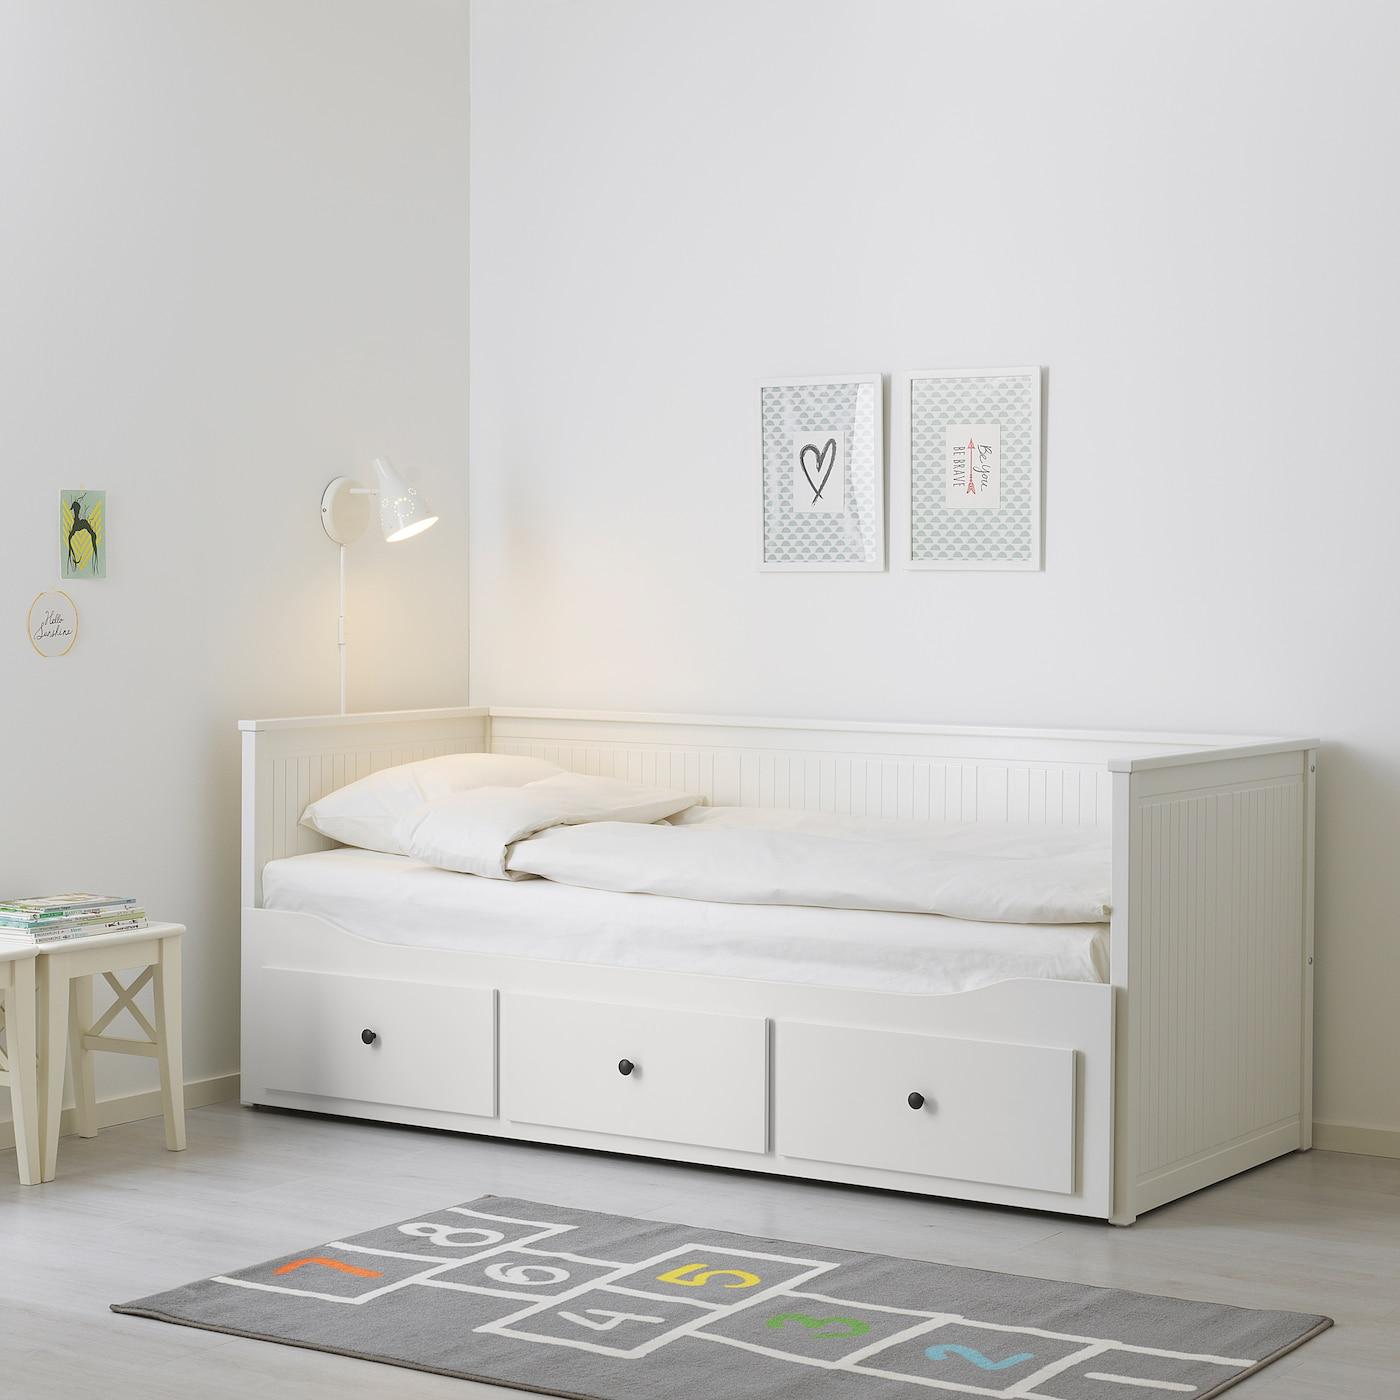 Ikea Hemnes Bedbank.Hemnes Day Bed W 3 Drawers 2 Mattresses White Husvika Firm Ikea